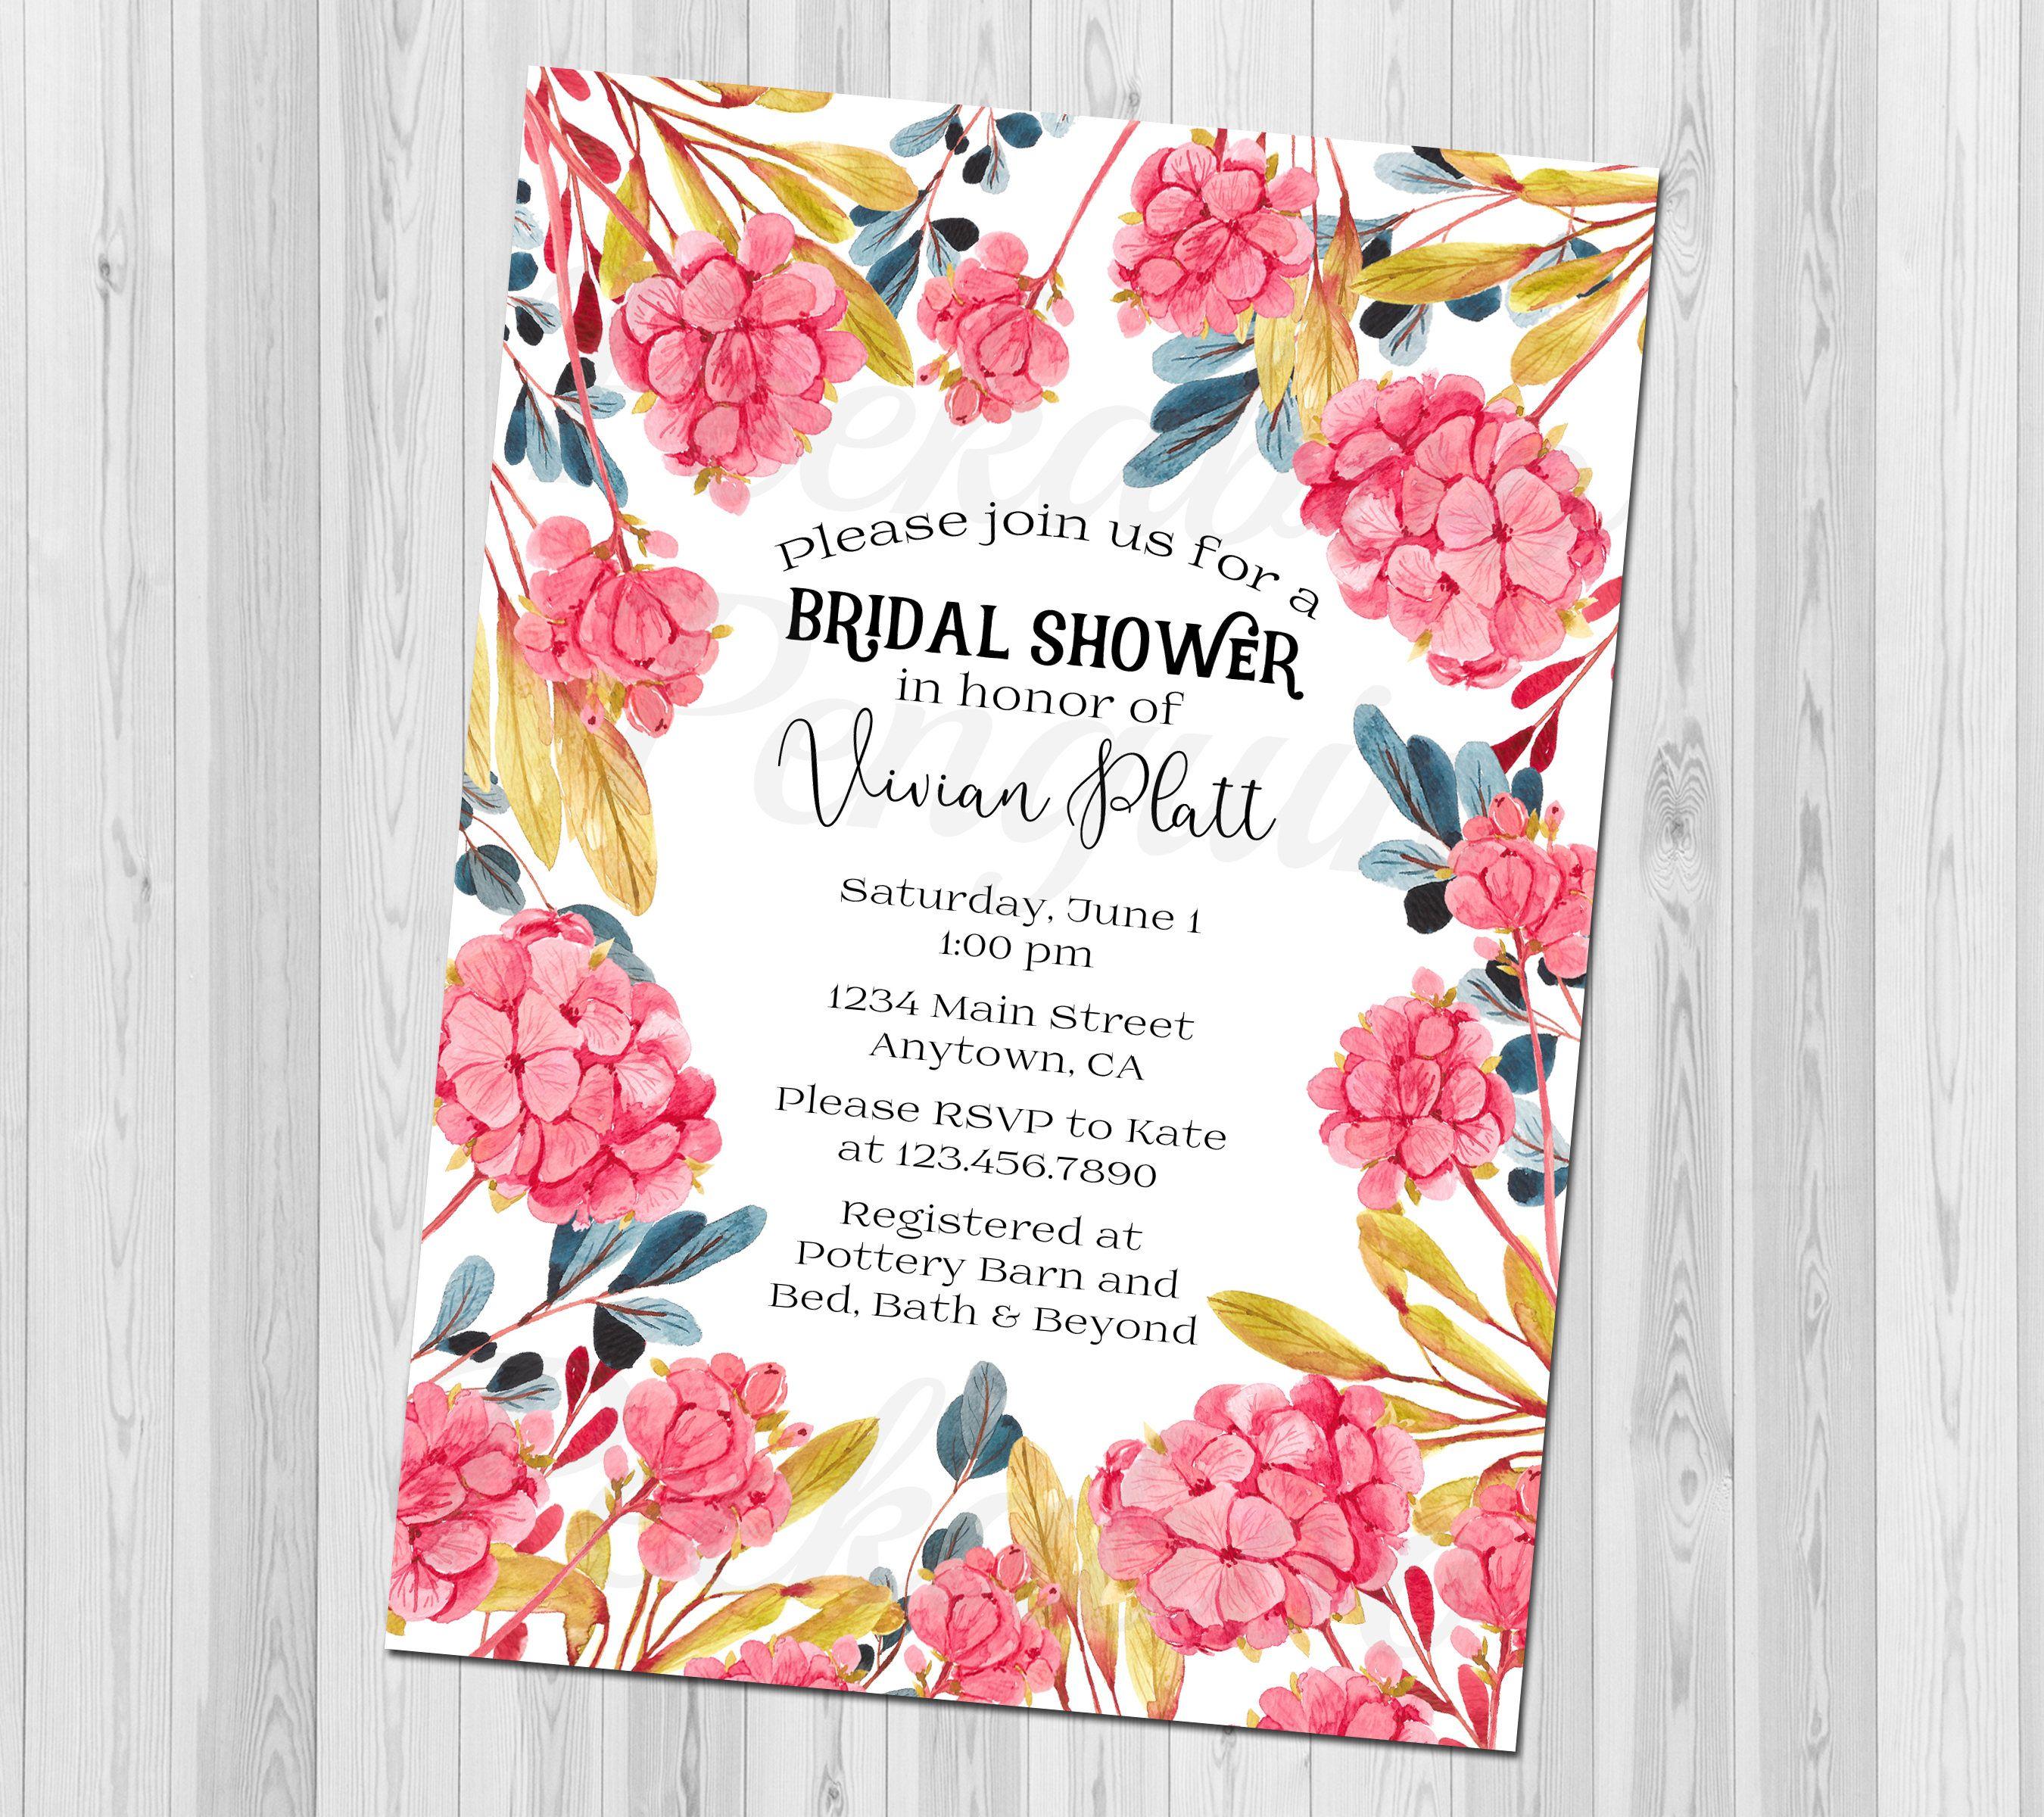 hydrangea bridal shower invitation coral bridal shower invites floral wedding shower invitation watercolor